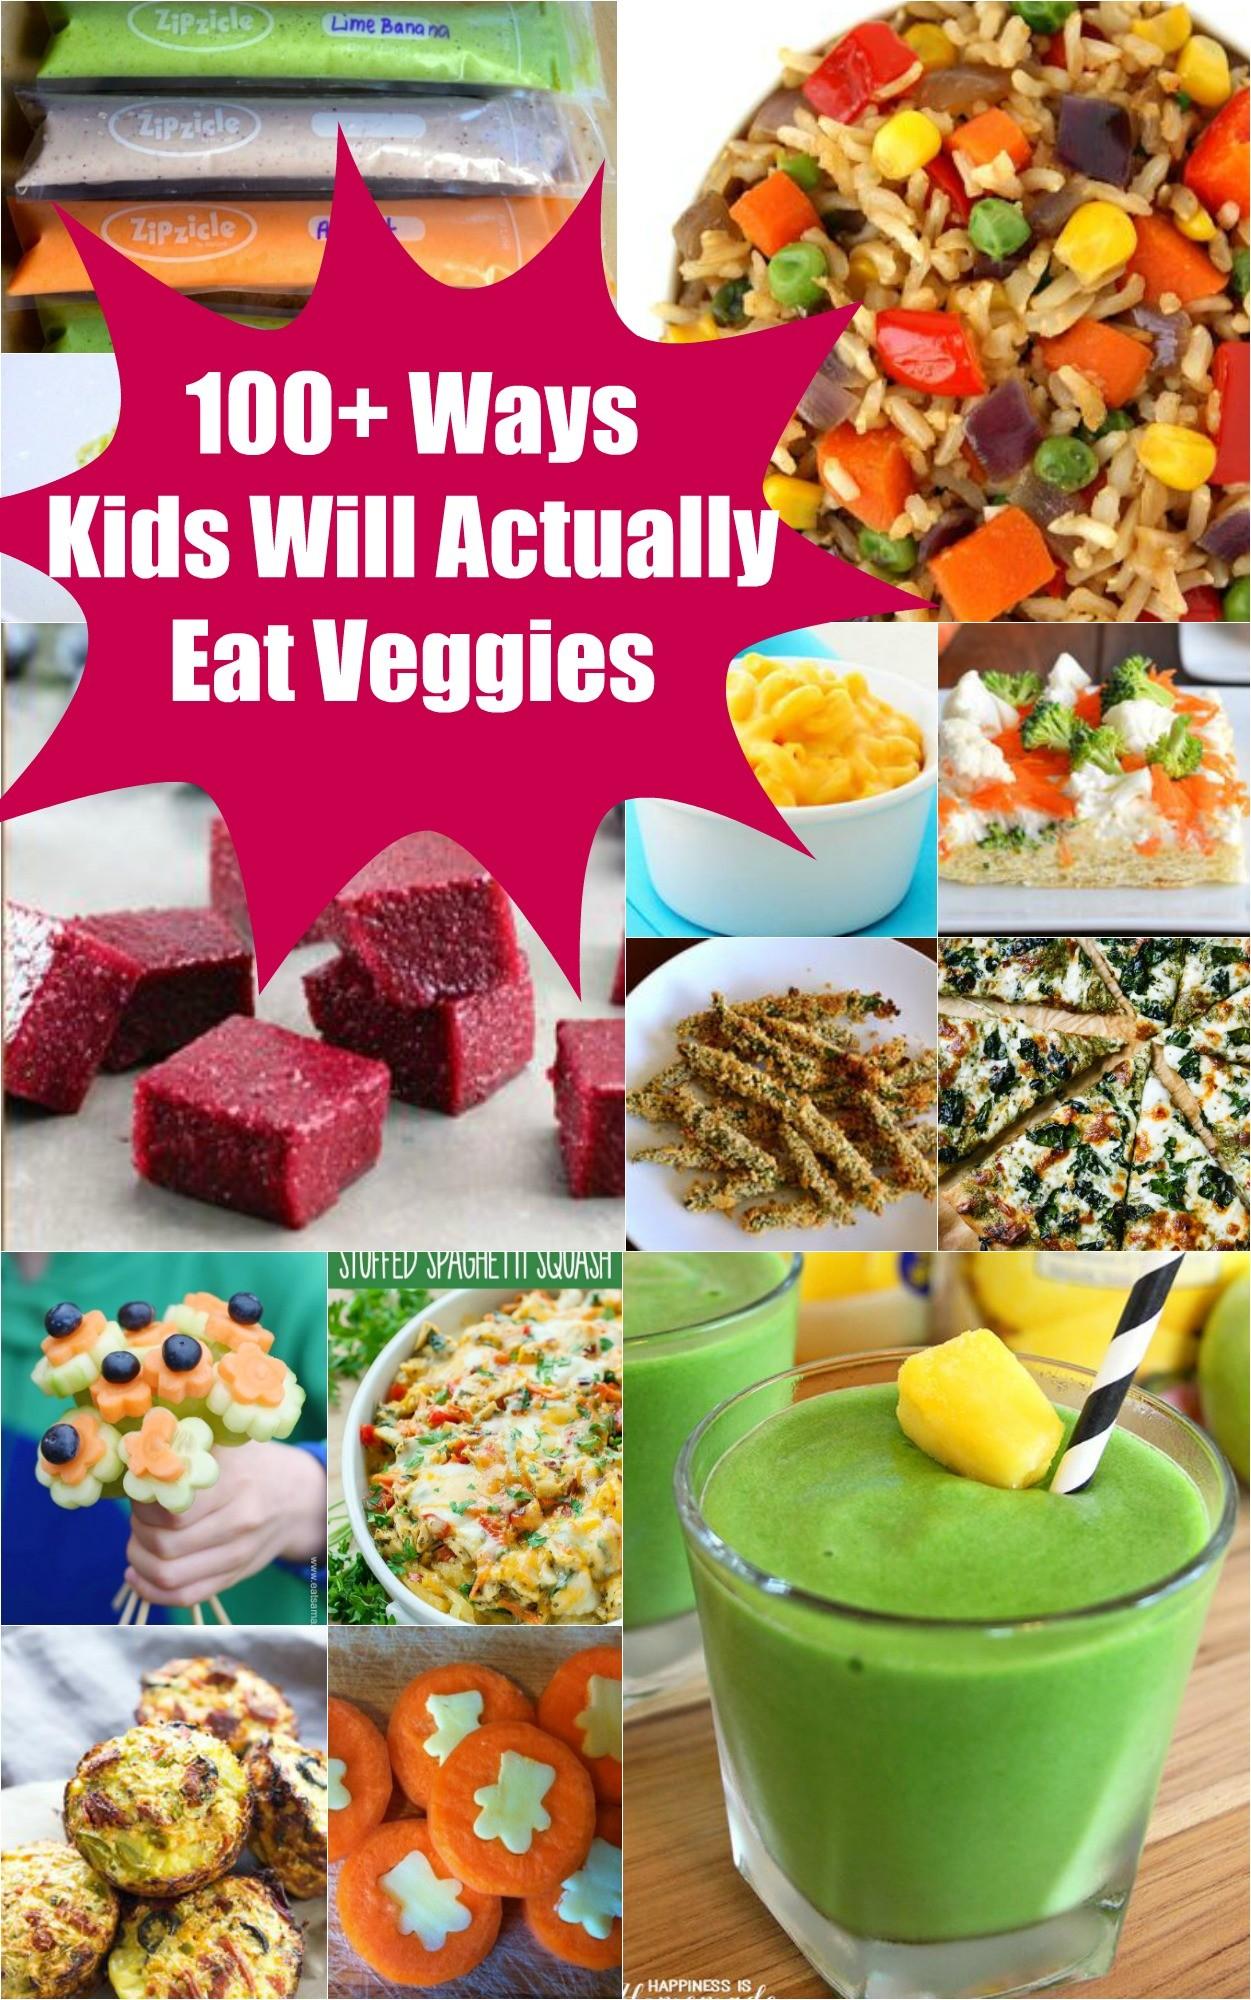 7 Ways to Eat More Veggies